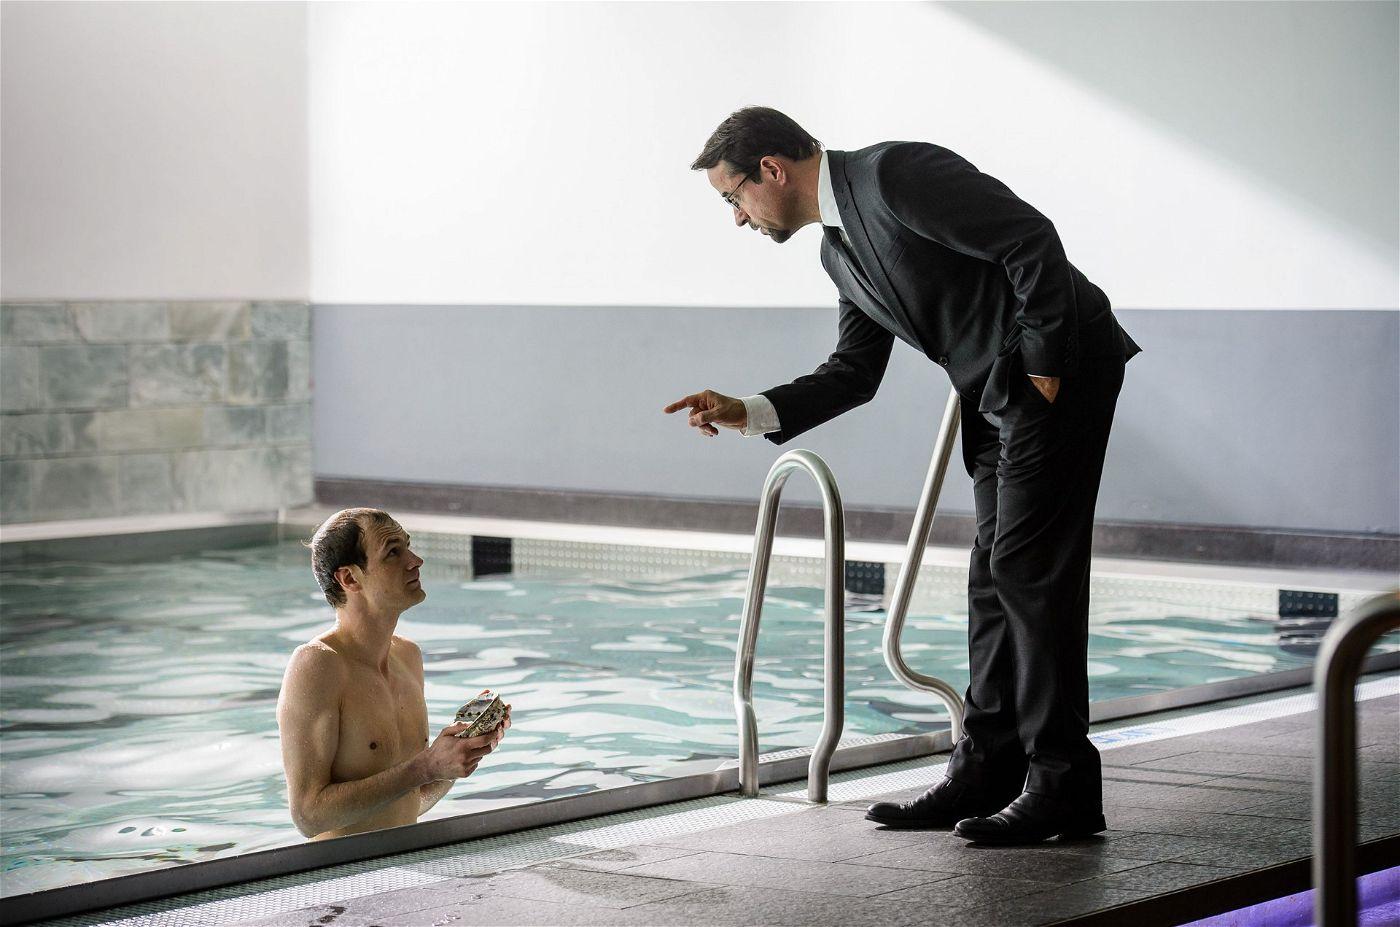 Angefangen bei dem Autisten Andreas Kullmann (Robert Gwisdek), der das Schwimmbad benutzt hat, während die Tote bereits in ihrem nassen Grab lag.